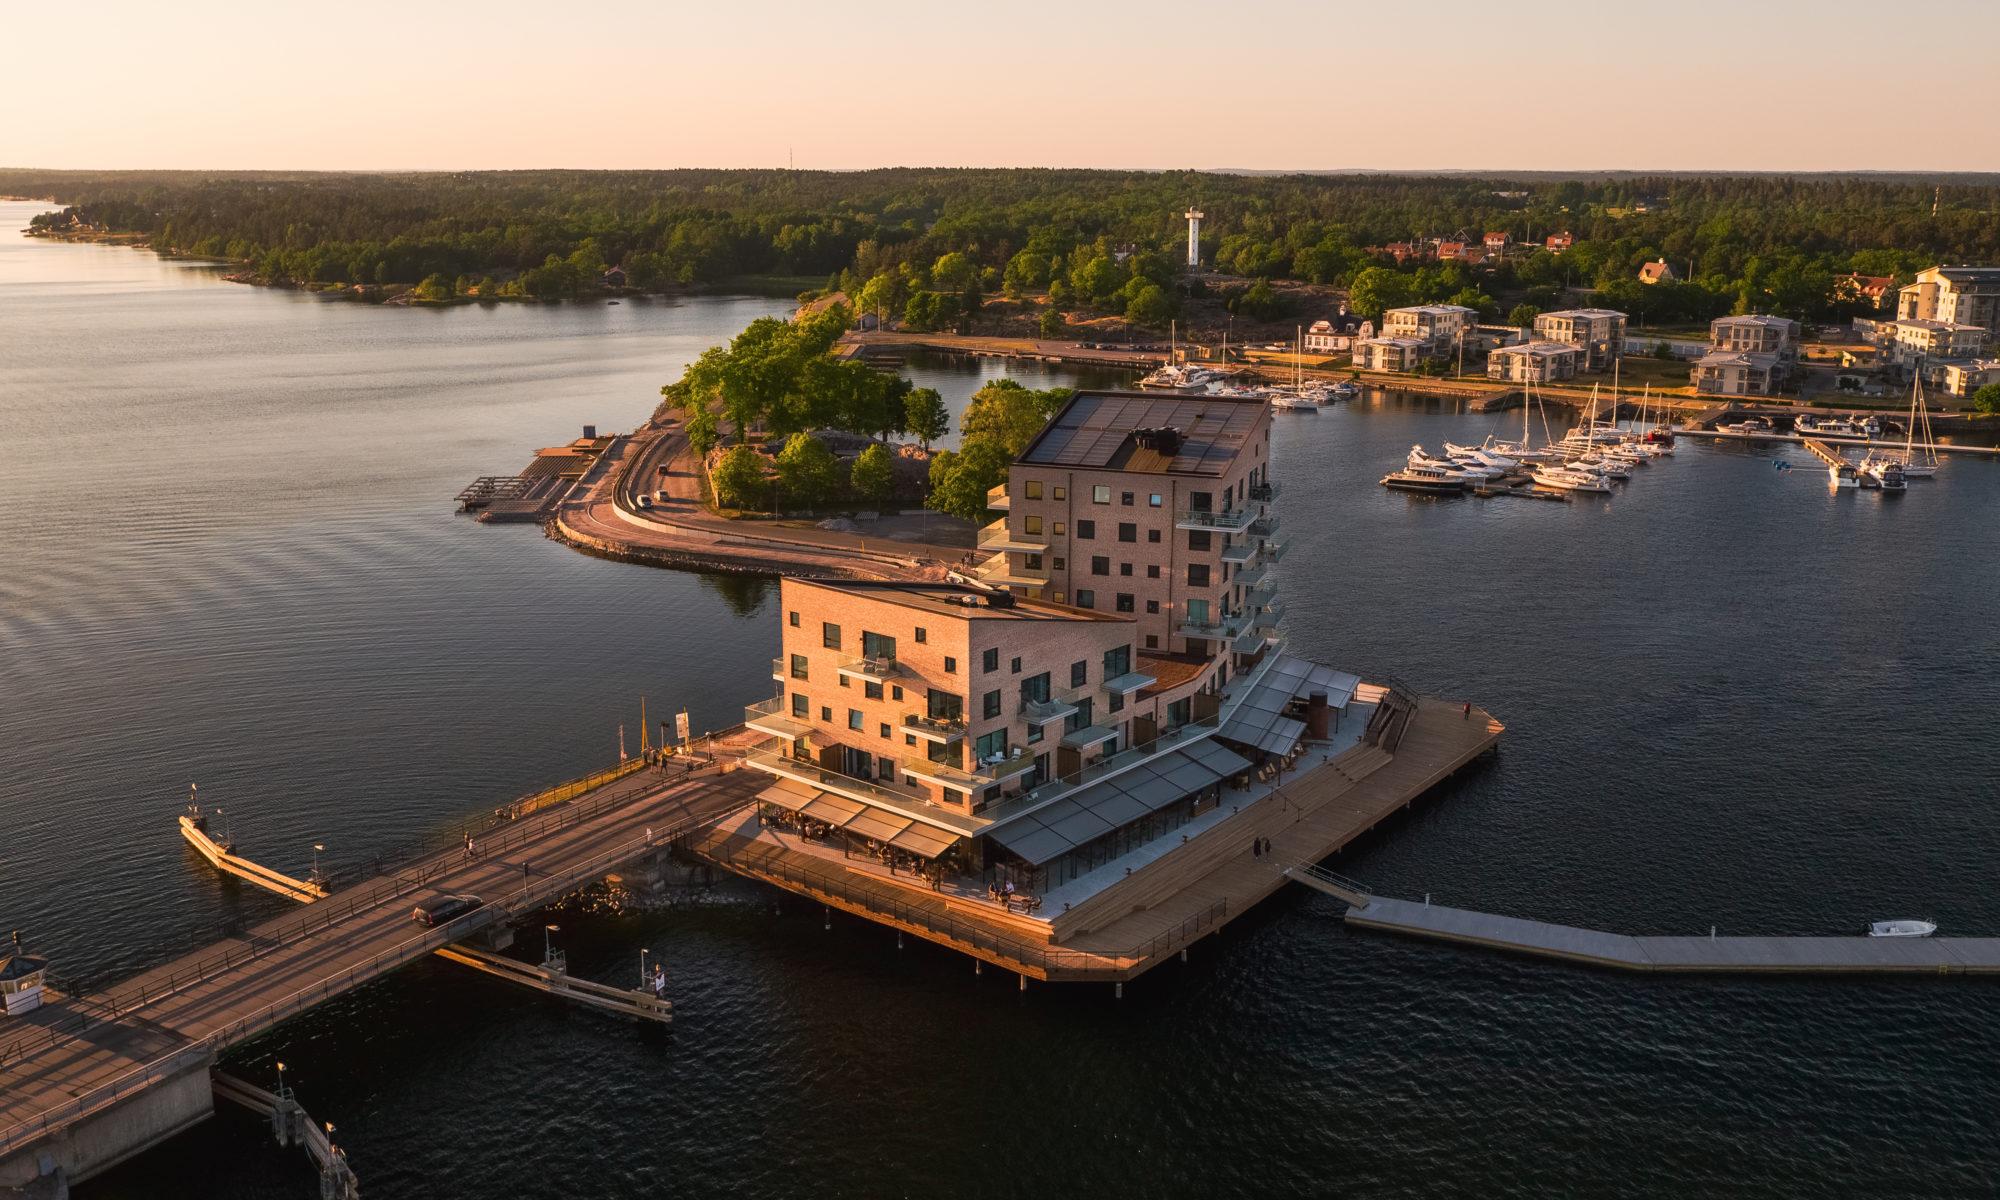 Slottsholmen-hotellet, ejet af det tidligere ABBA-medlem Björn Ulvaeus, er med i Best Westerns BW Premier Collection. Foto: Slottsholmen.com